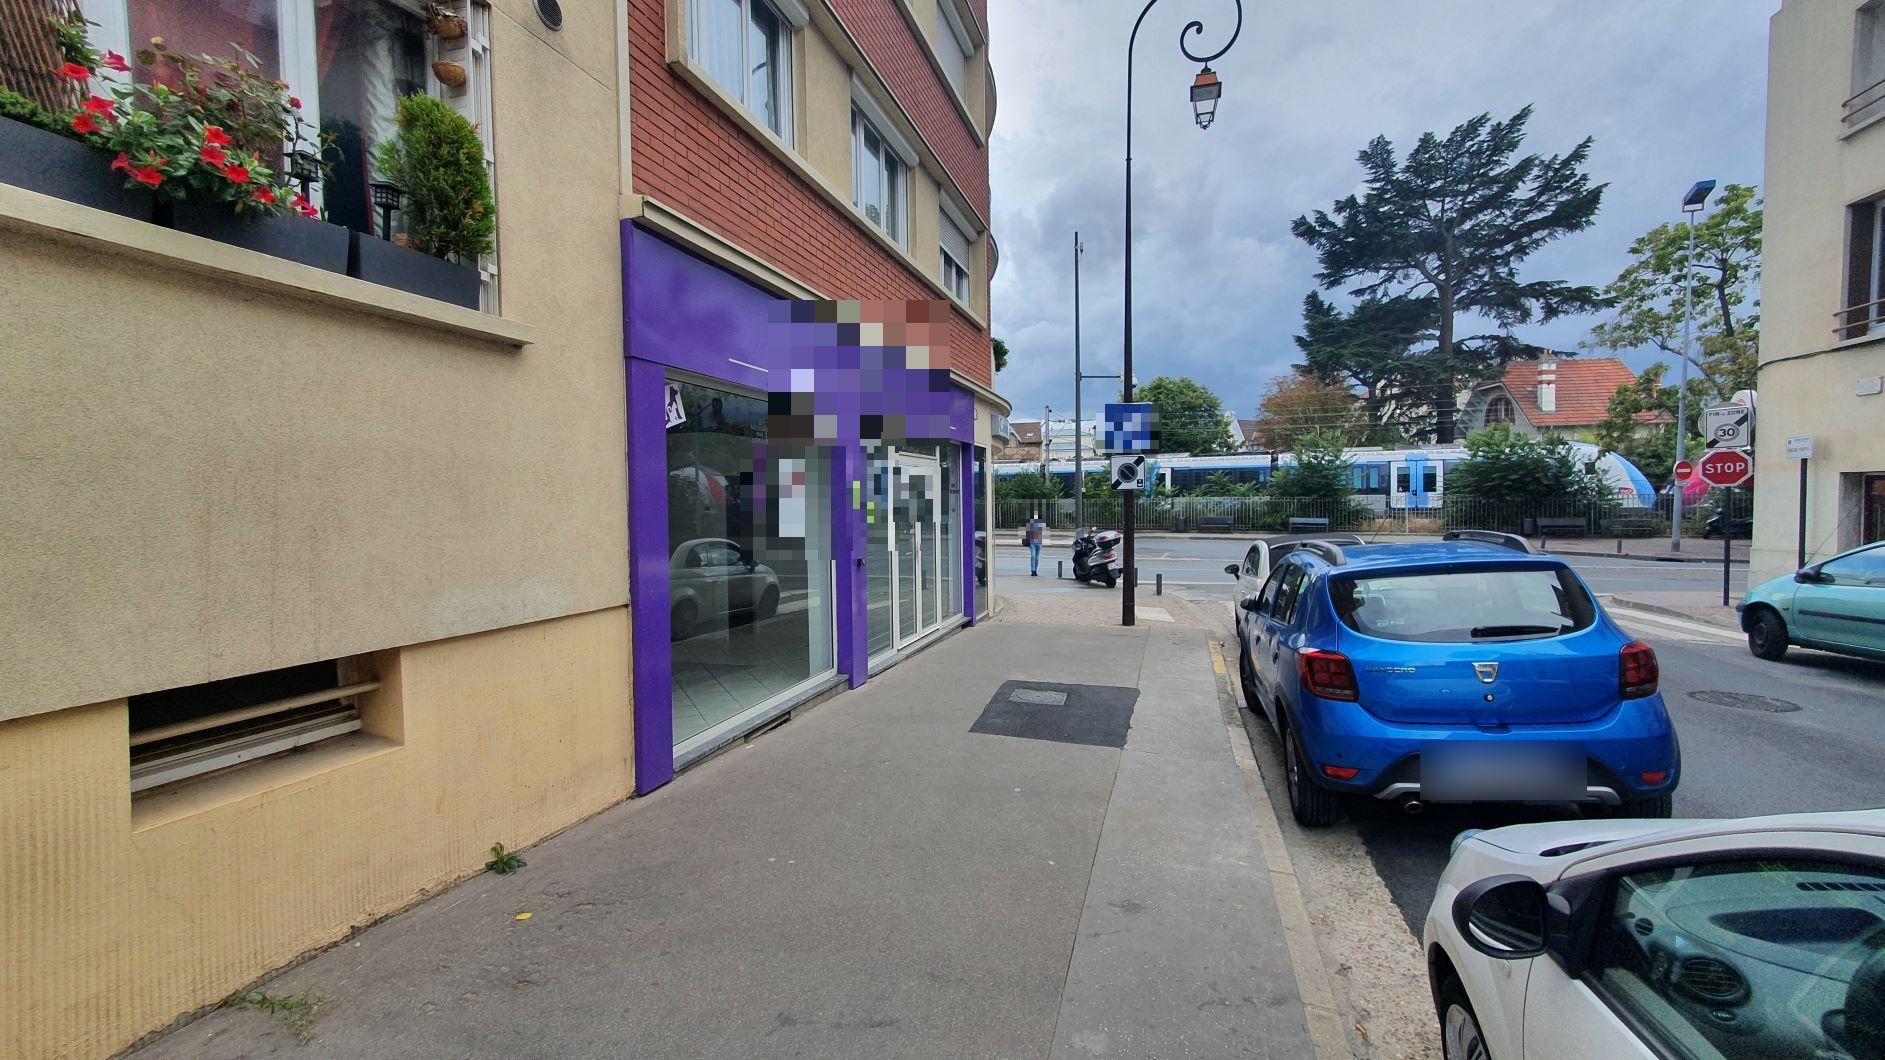 Vente Boutique libre pour toutes activités sauf nuisance et extracteur à Enghien-les-Bains dans un quartier animé (95880)